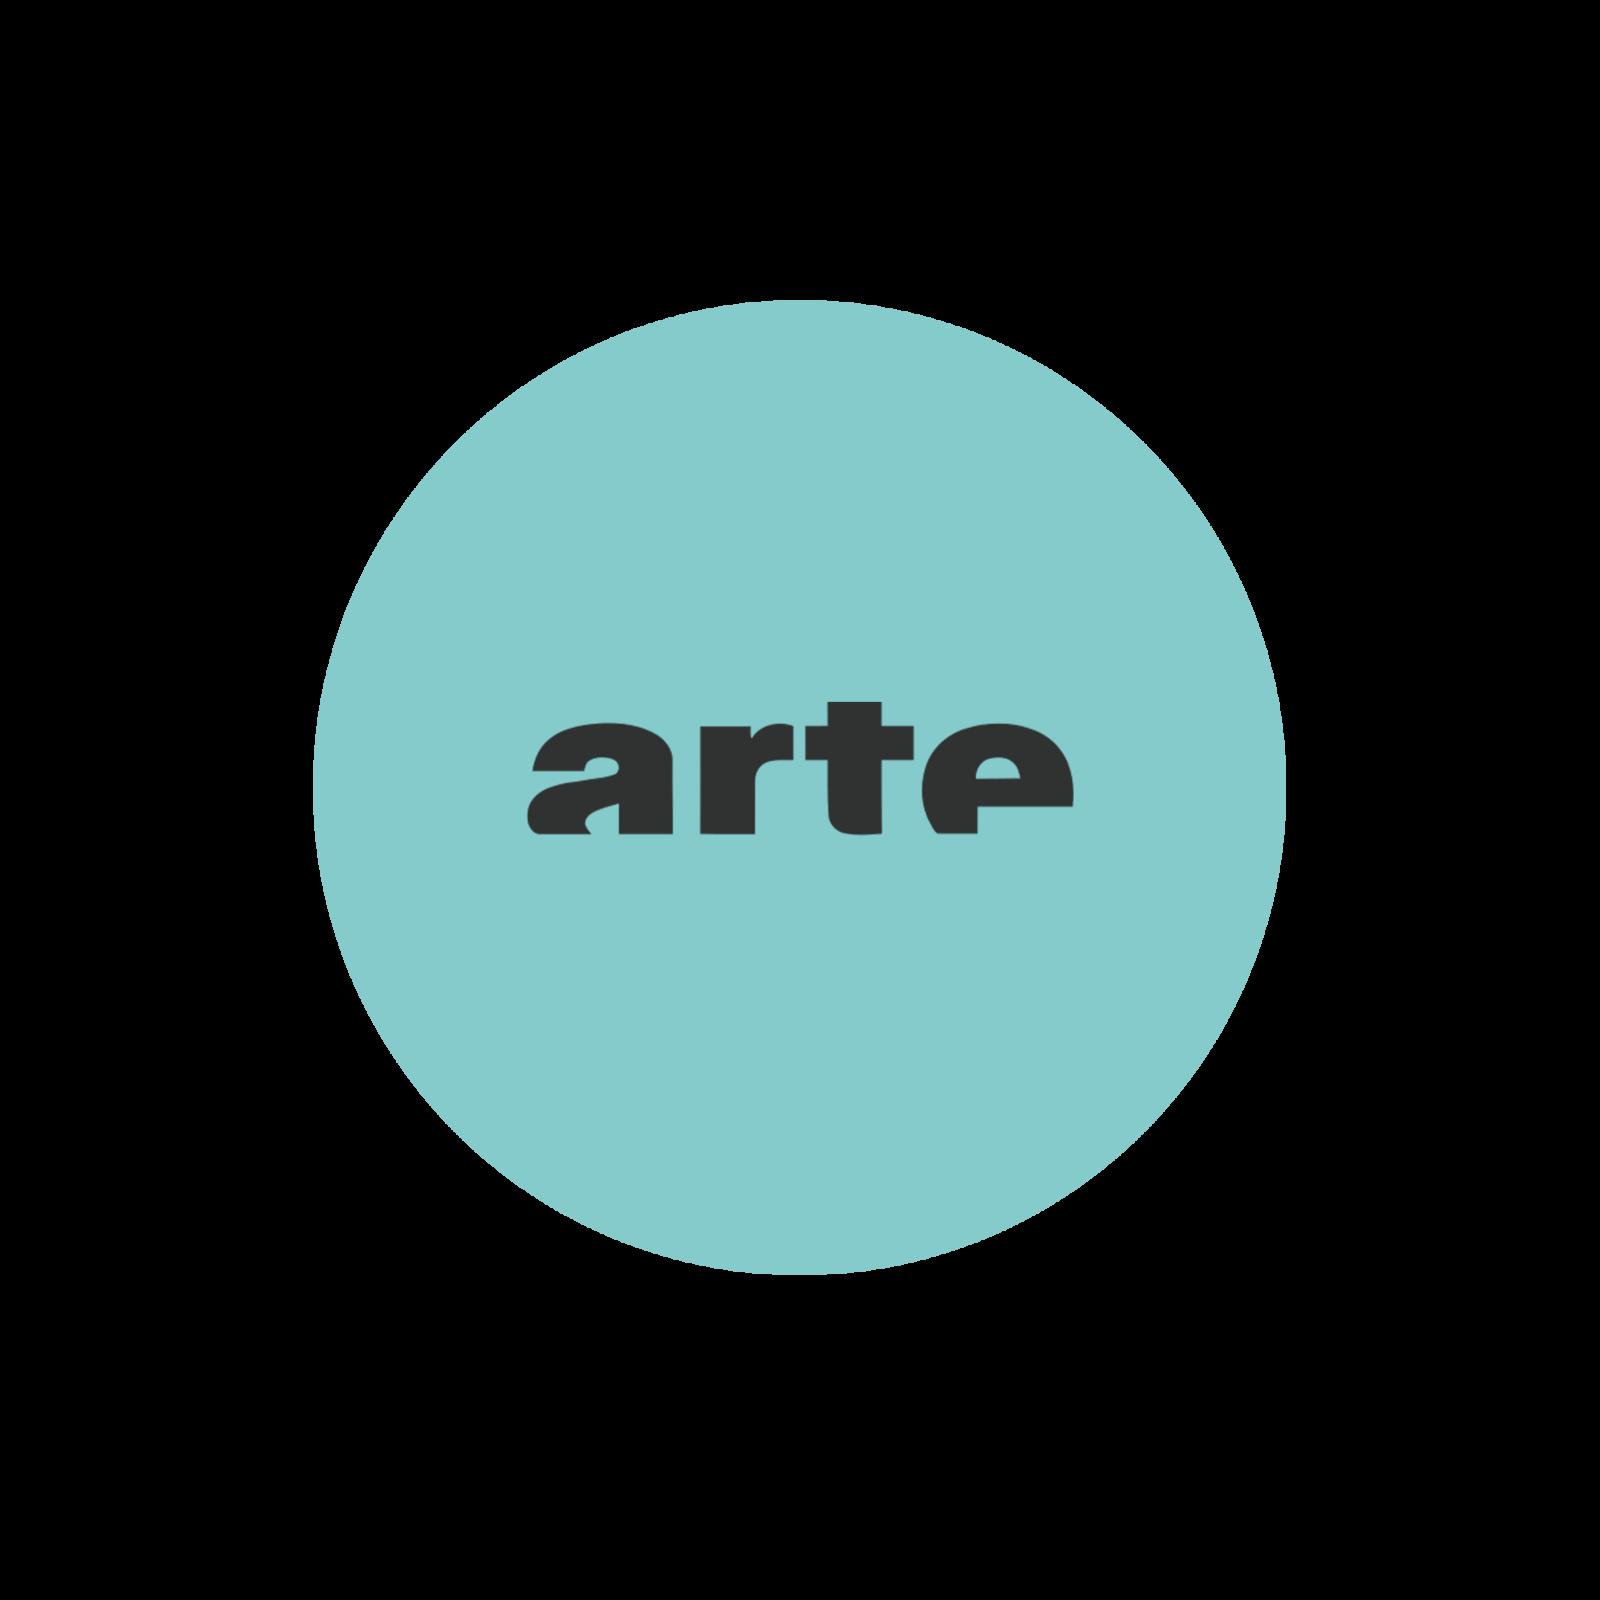 Ce mardi sur ARTE, documentaire édifiant sur les réseaux anti-avortement en Europe.